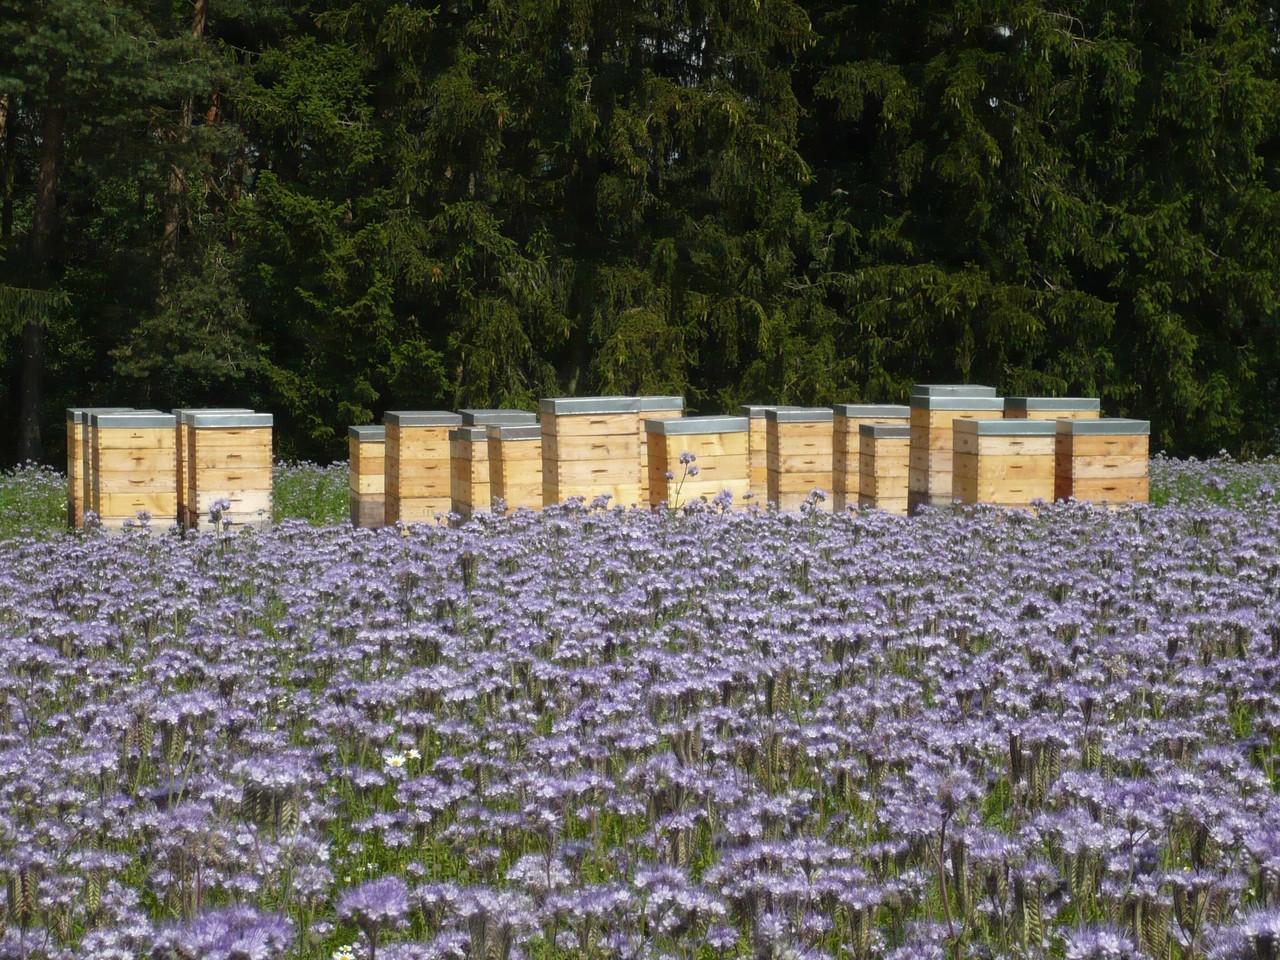 Bienenbeuten inmitten von Phacelia-Blüten